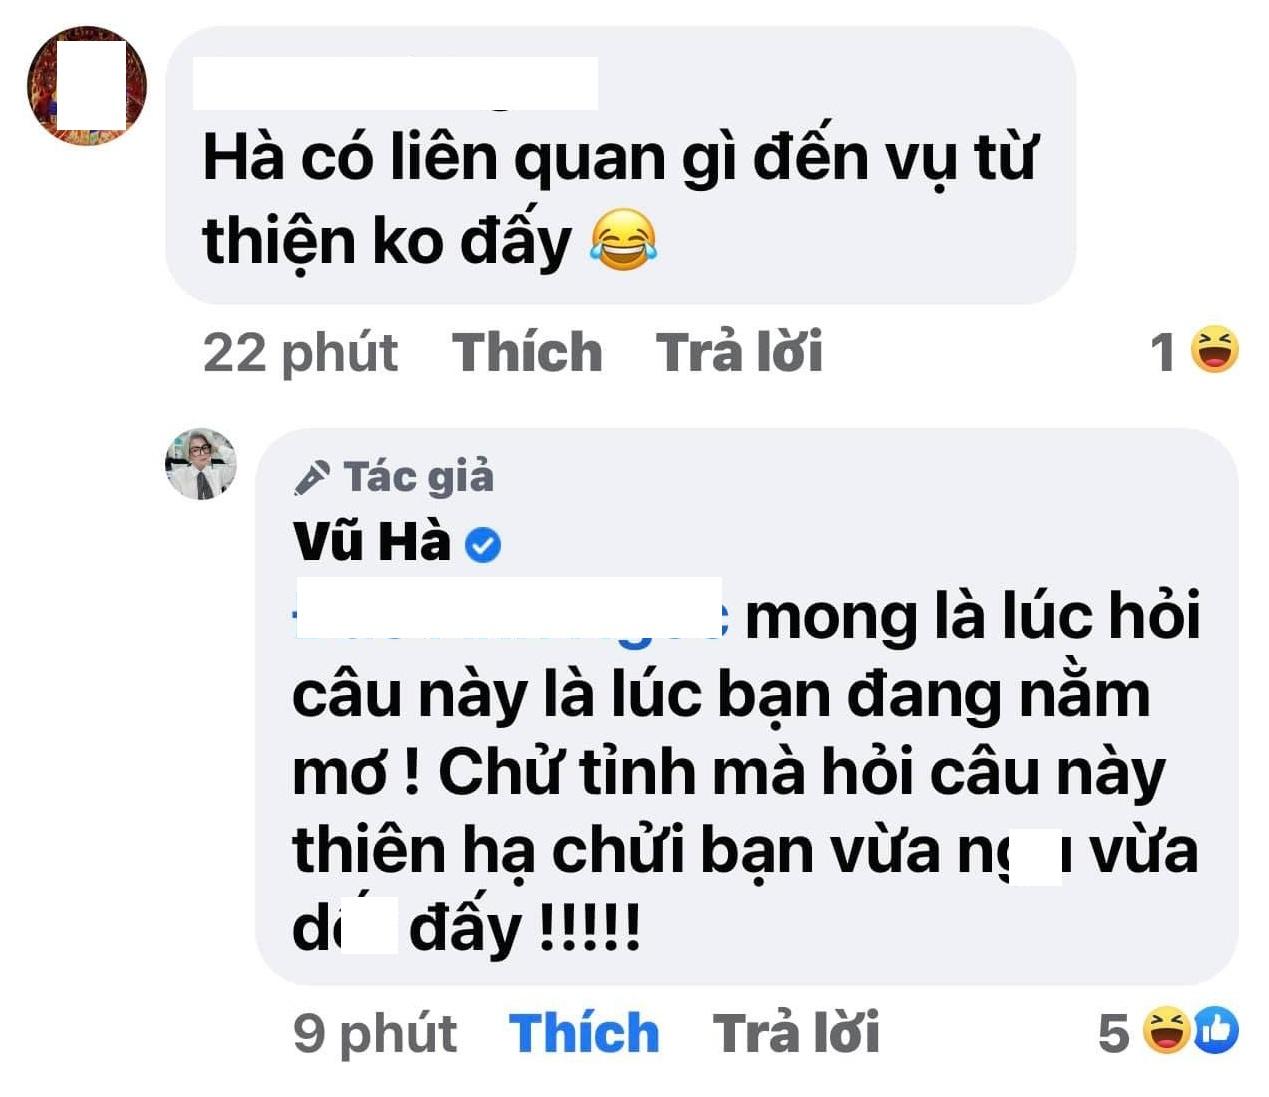 Vũ Hà 'xù lông' bảo vệ Đàm Vĩnh Hưng với màn phản pháo 'xanh rờn' khiến dân tình ngã ngửa 6